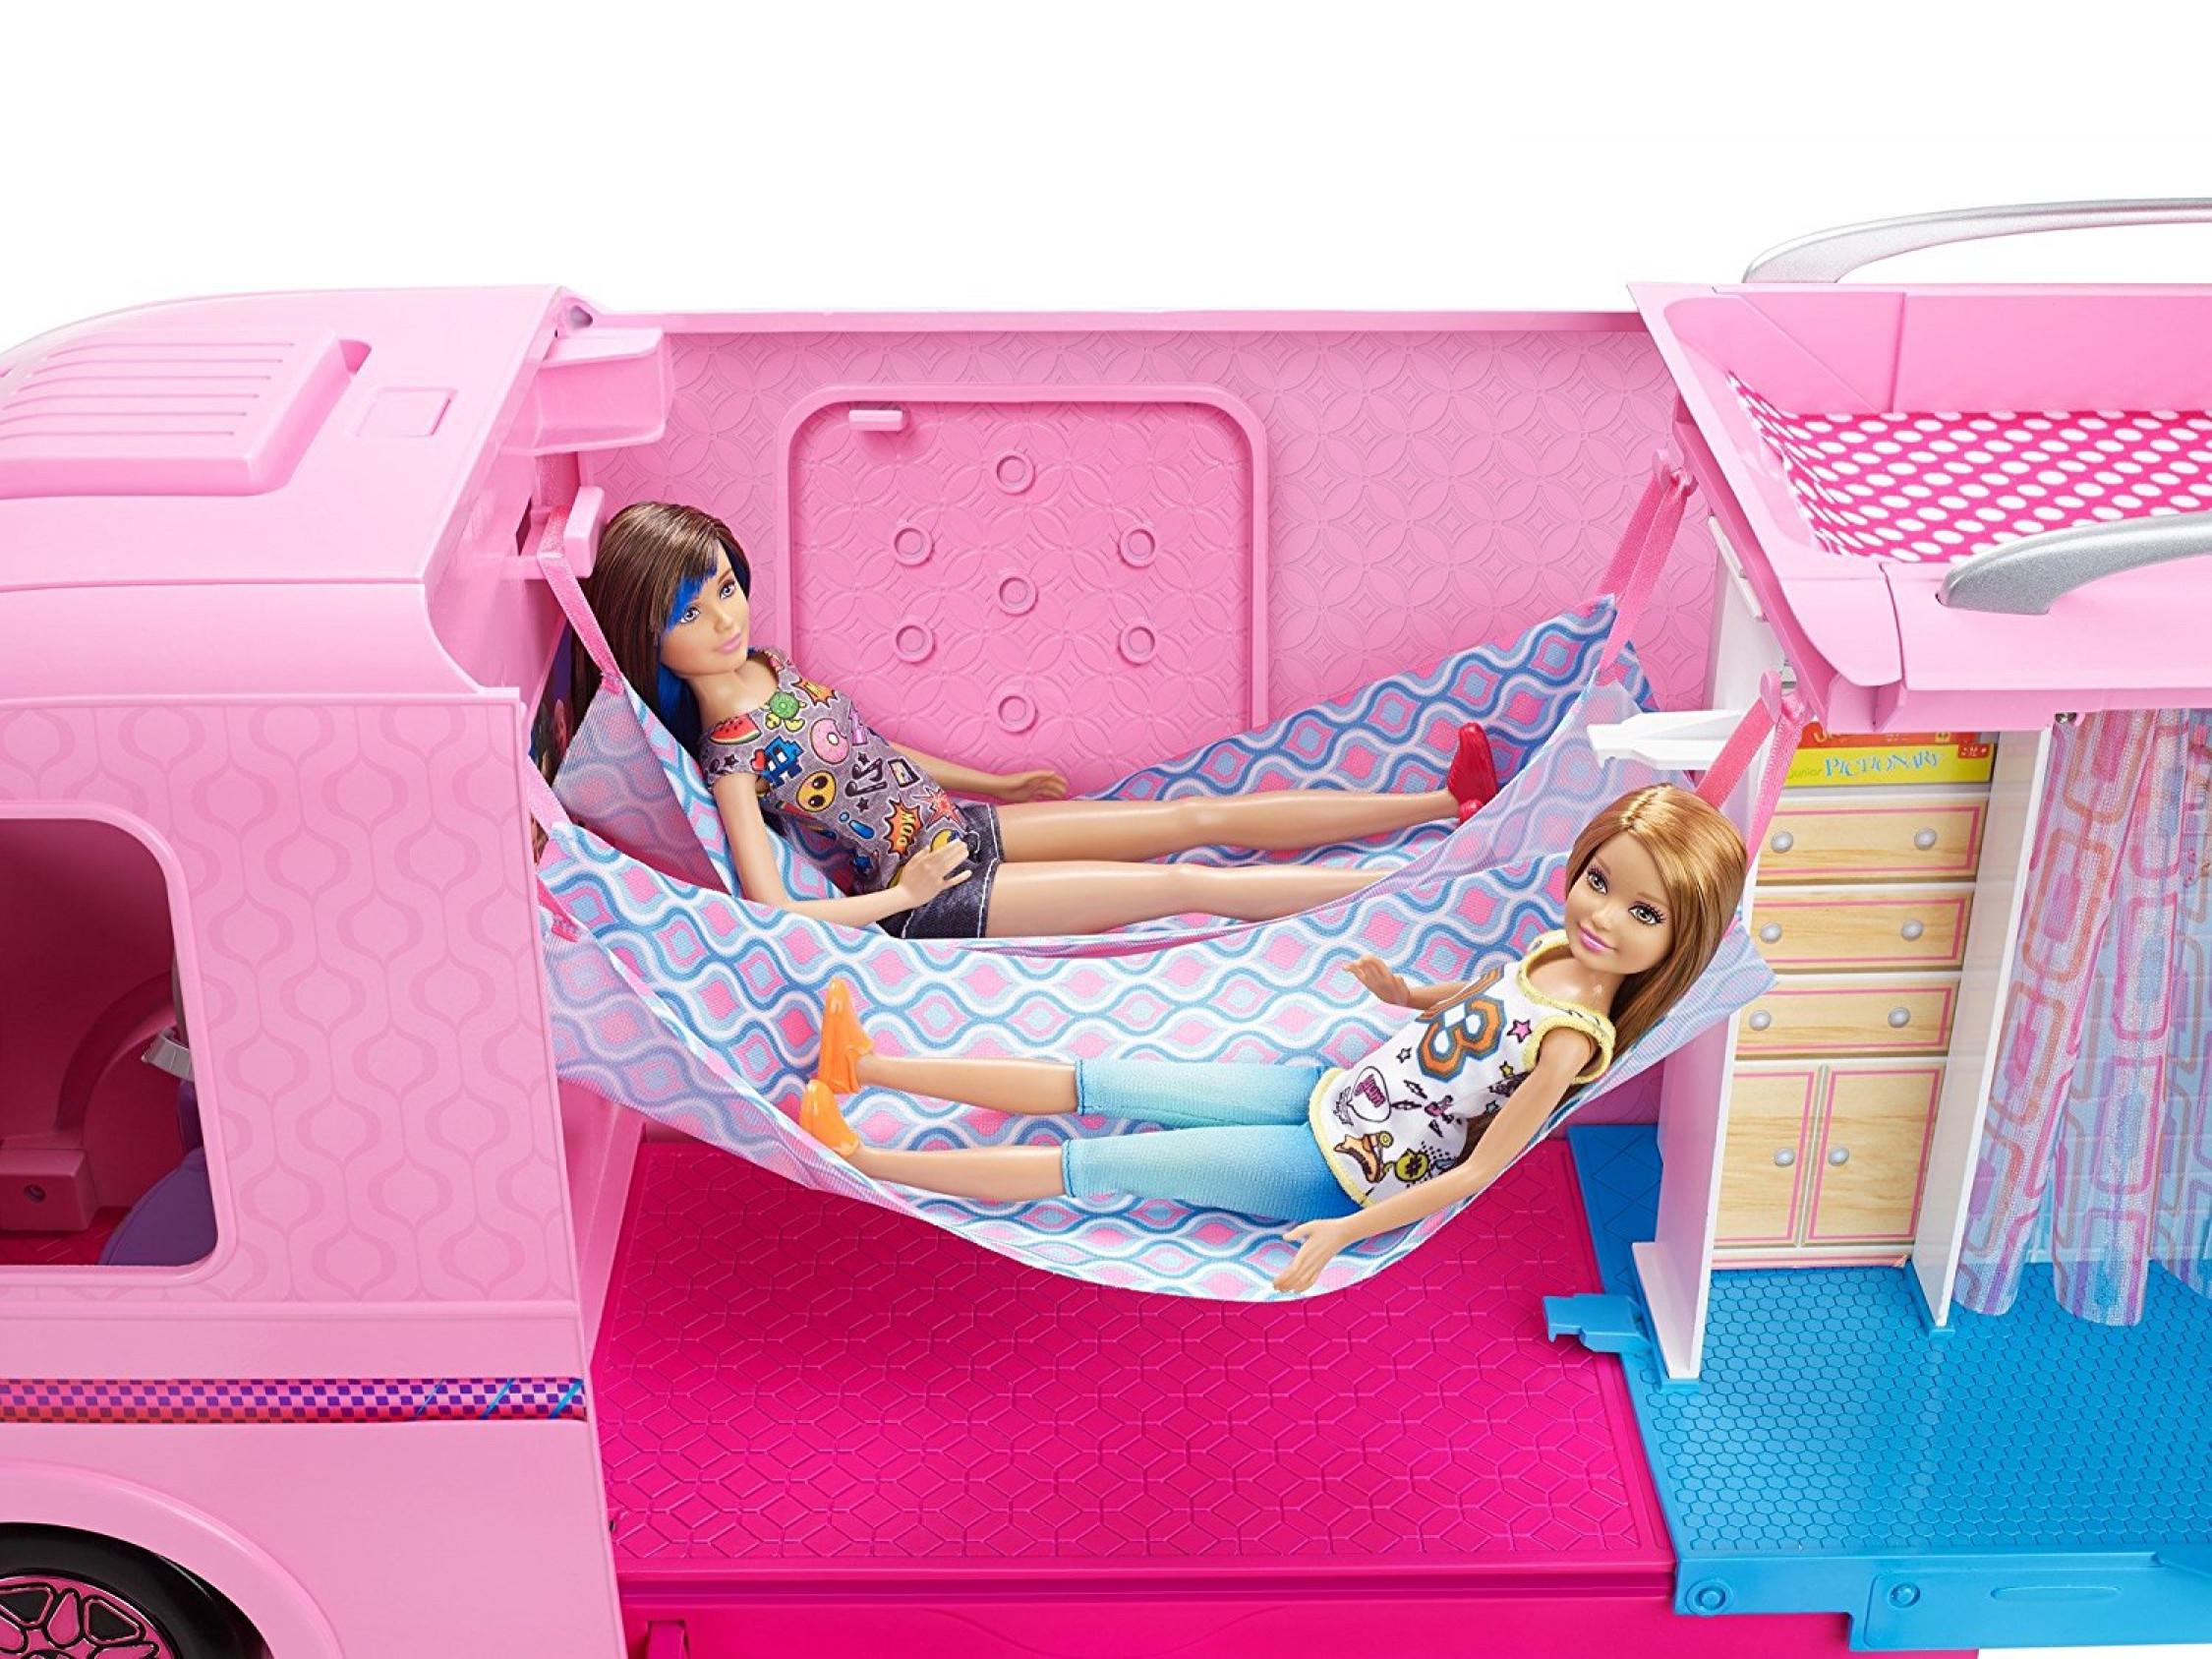 Barbie Dream Camper Van Campsite Play Set Piscine Water Slide Beds Dolls Caravane Ebay